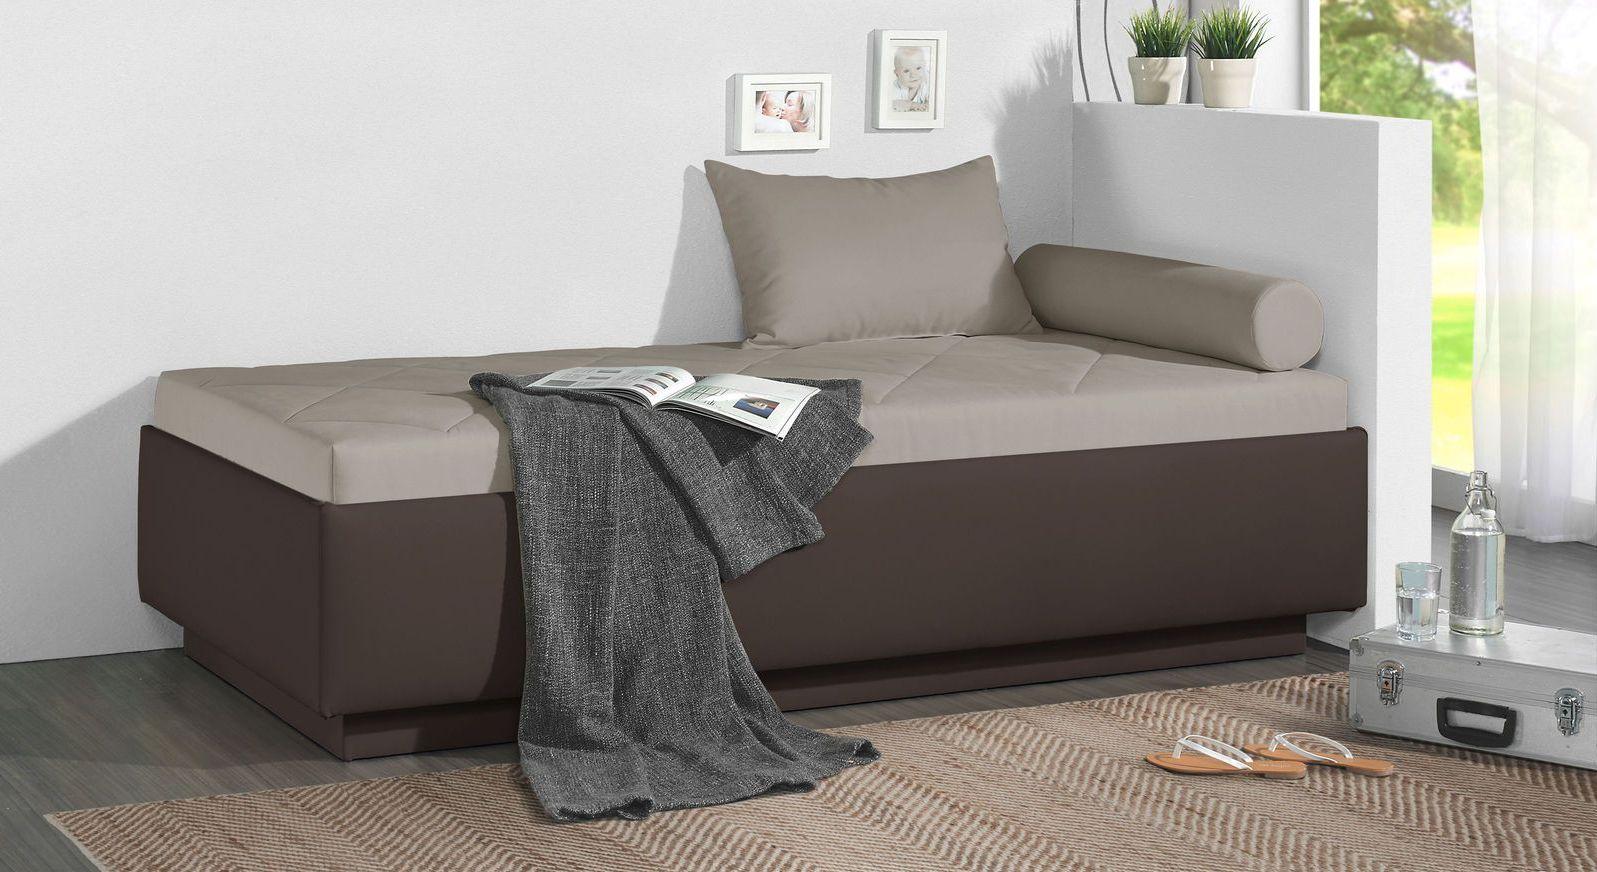 Relaxliege Eriko aus dunkelbraunem Kunstleder und graubeigem Microvelours